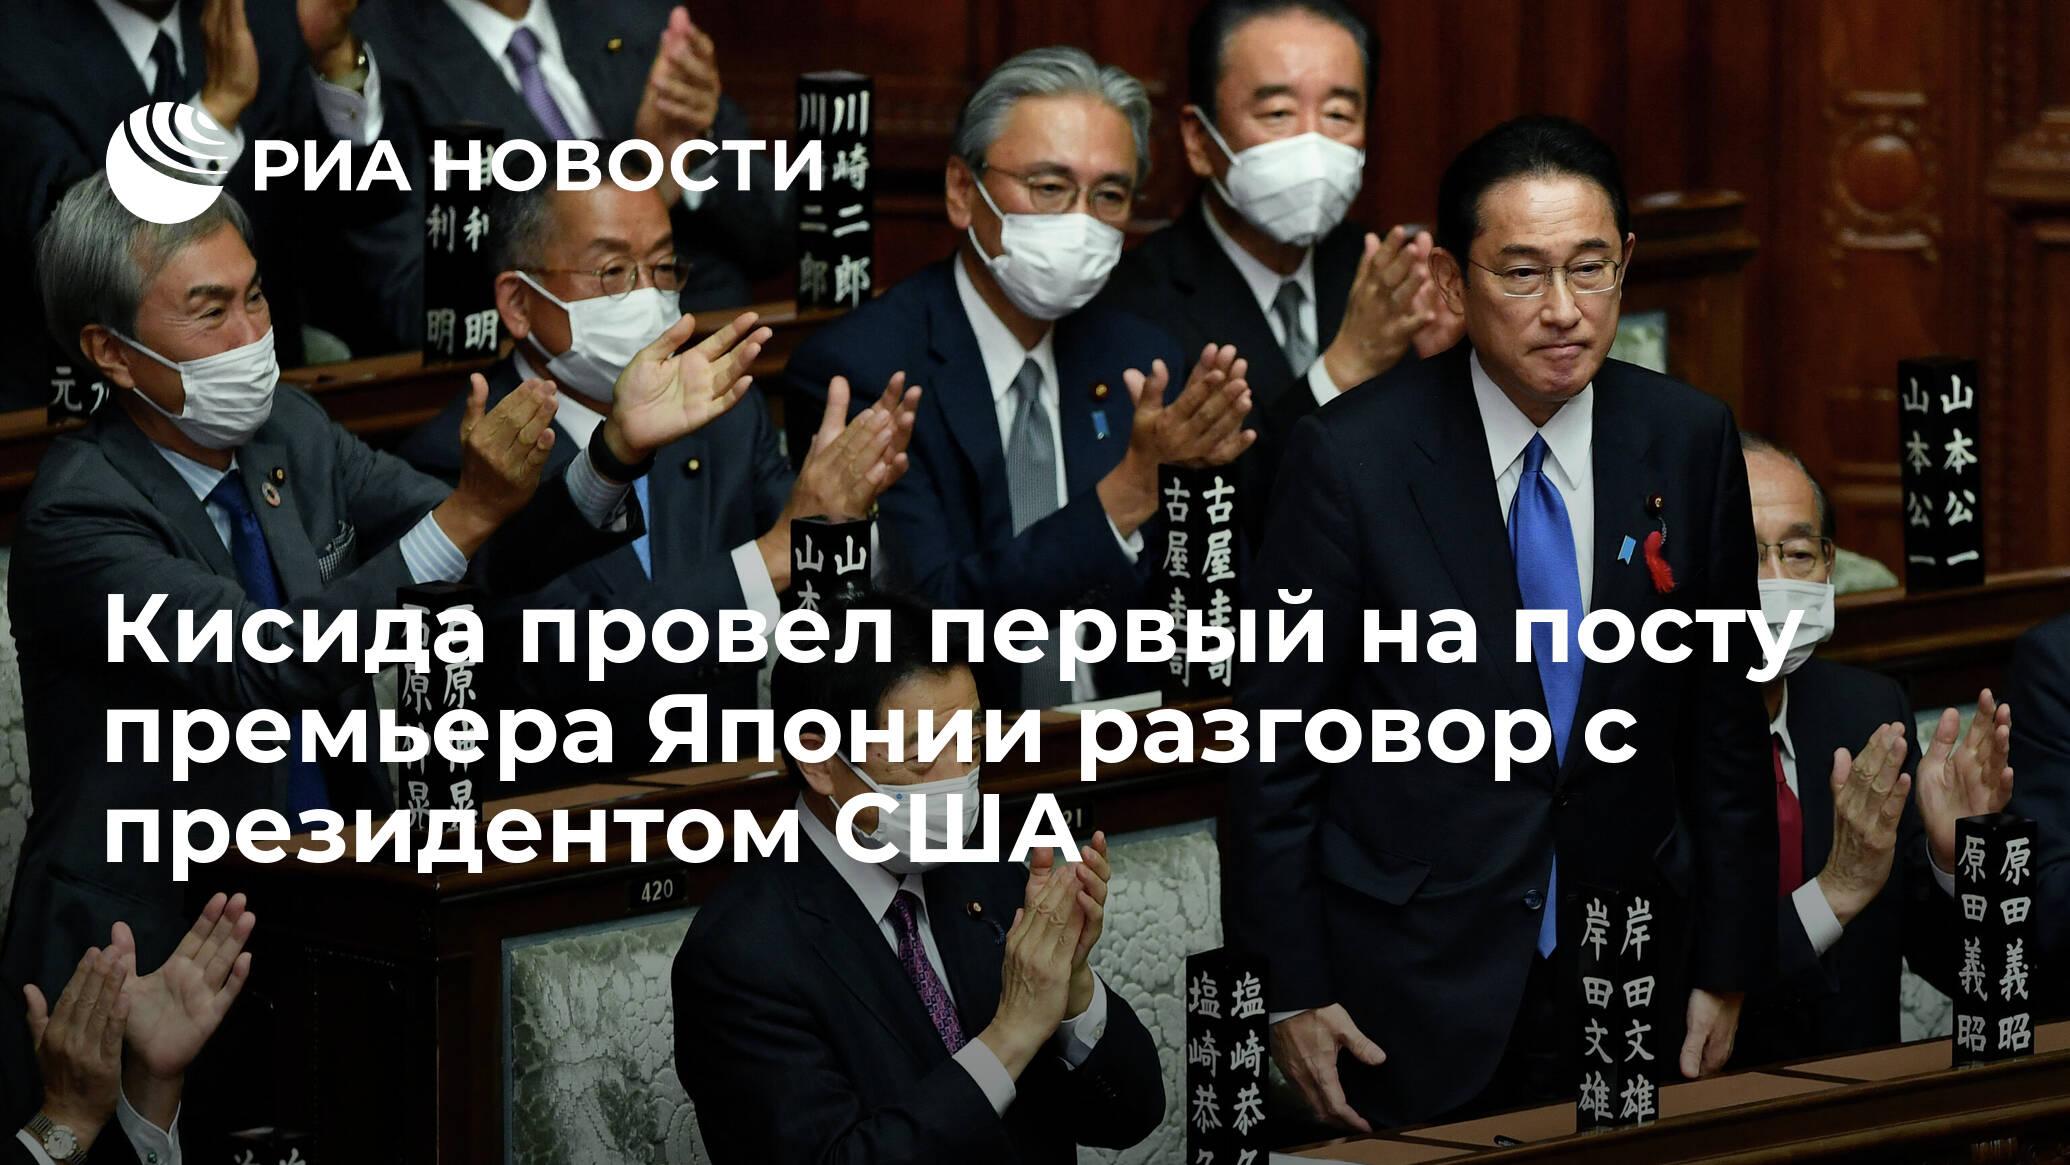 Кисида провел первый на посту премьера Японии разговор с президентом США